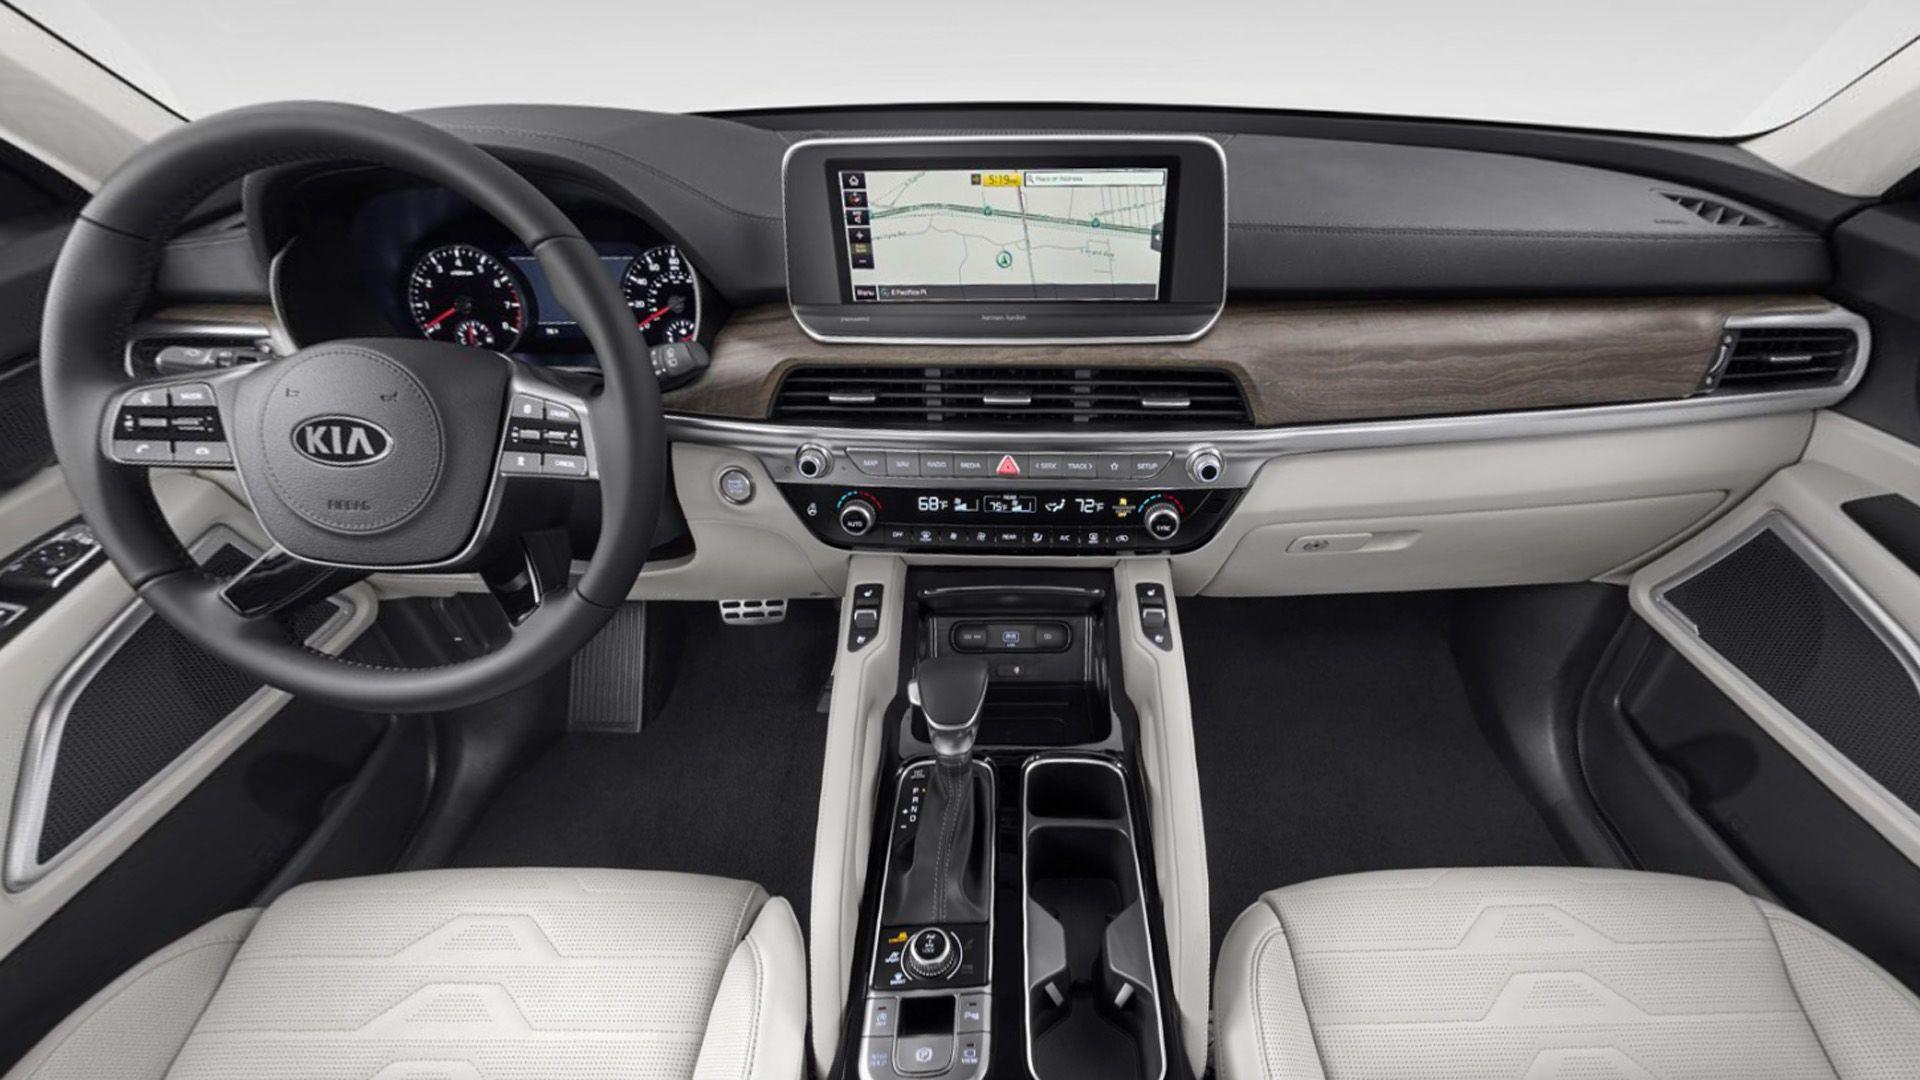 2020 Kia Telluride First Drive Impressions of its